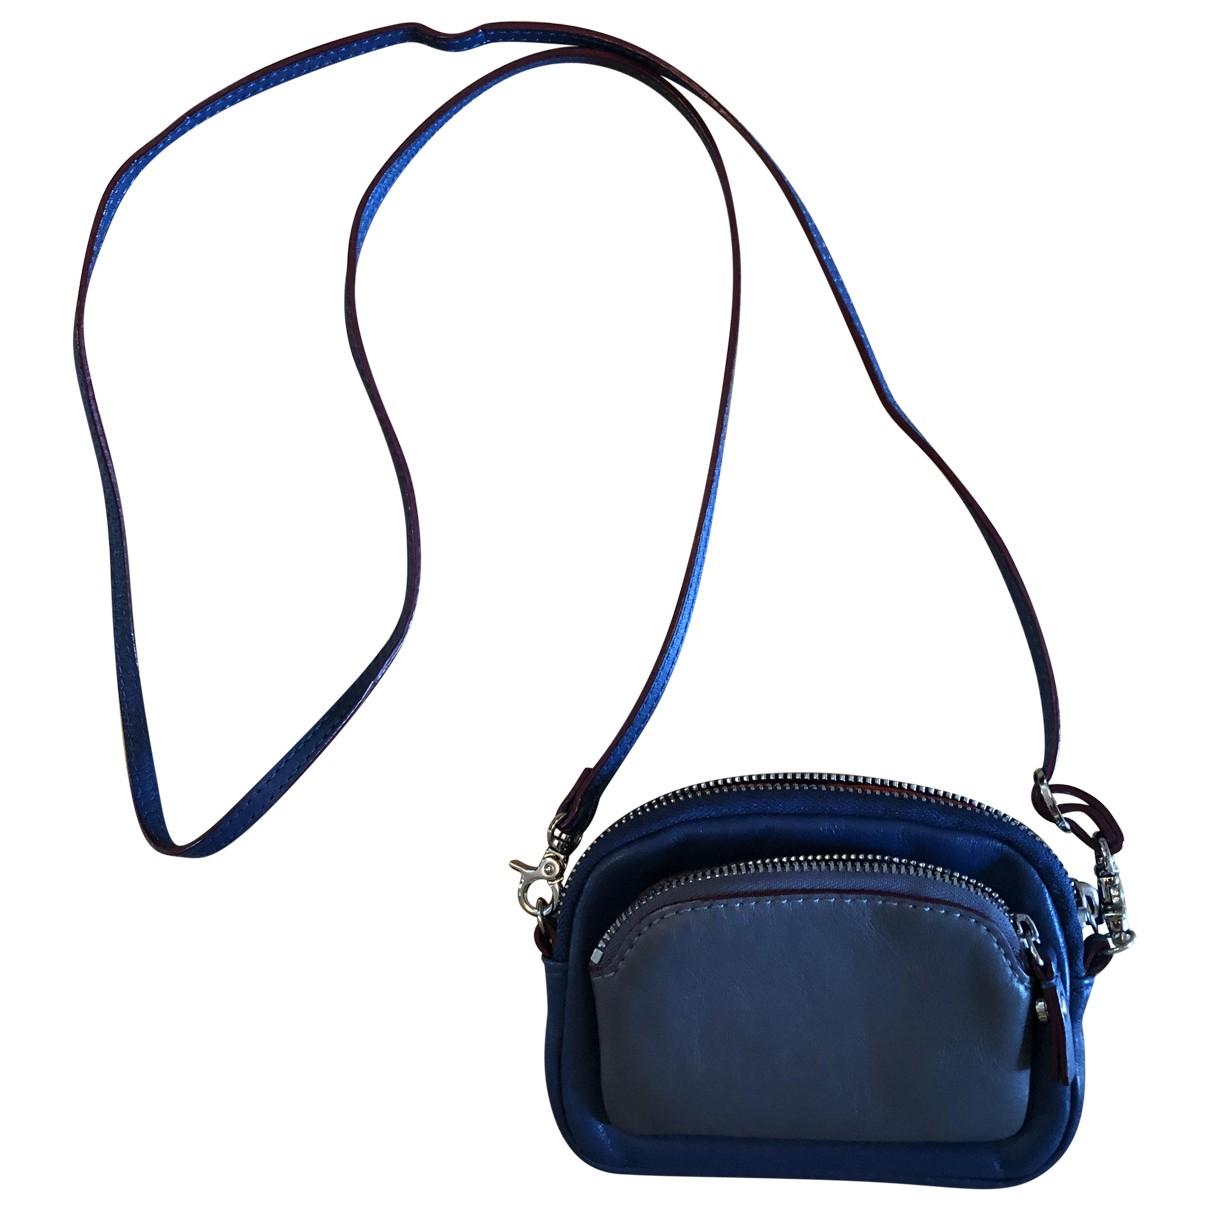 Mz Wallace - Pochette   pour femme en cuir - bleu